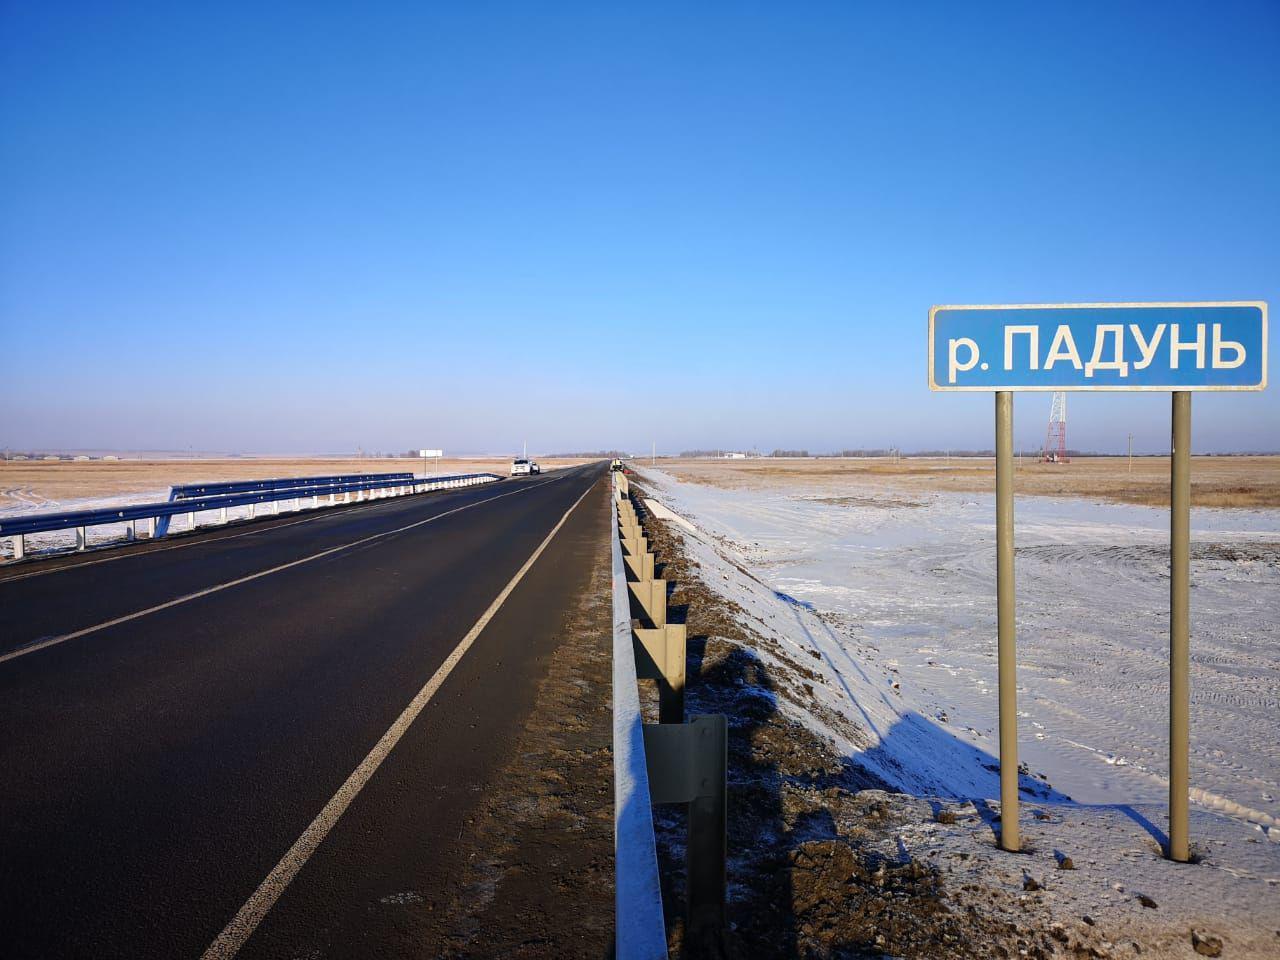 На подъезде к Тюмени капитально отремонтировали мост через Падунь